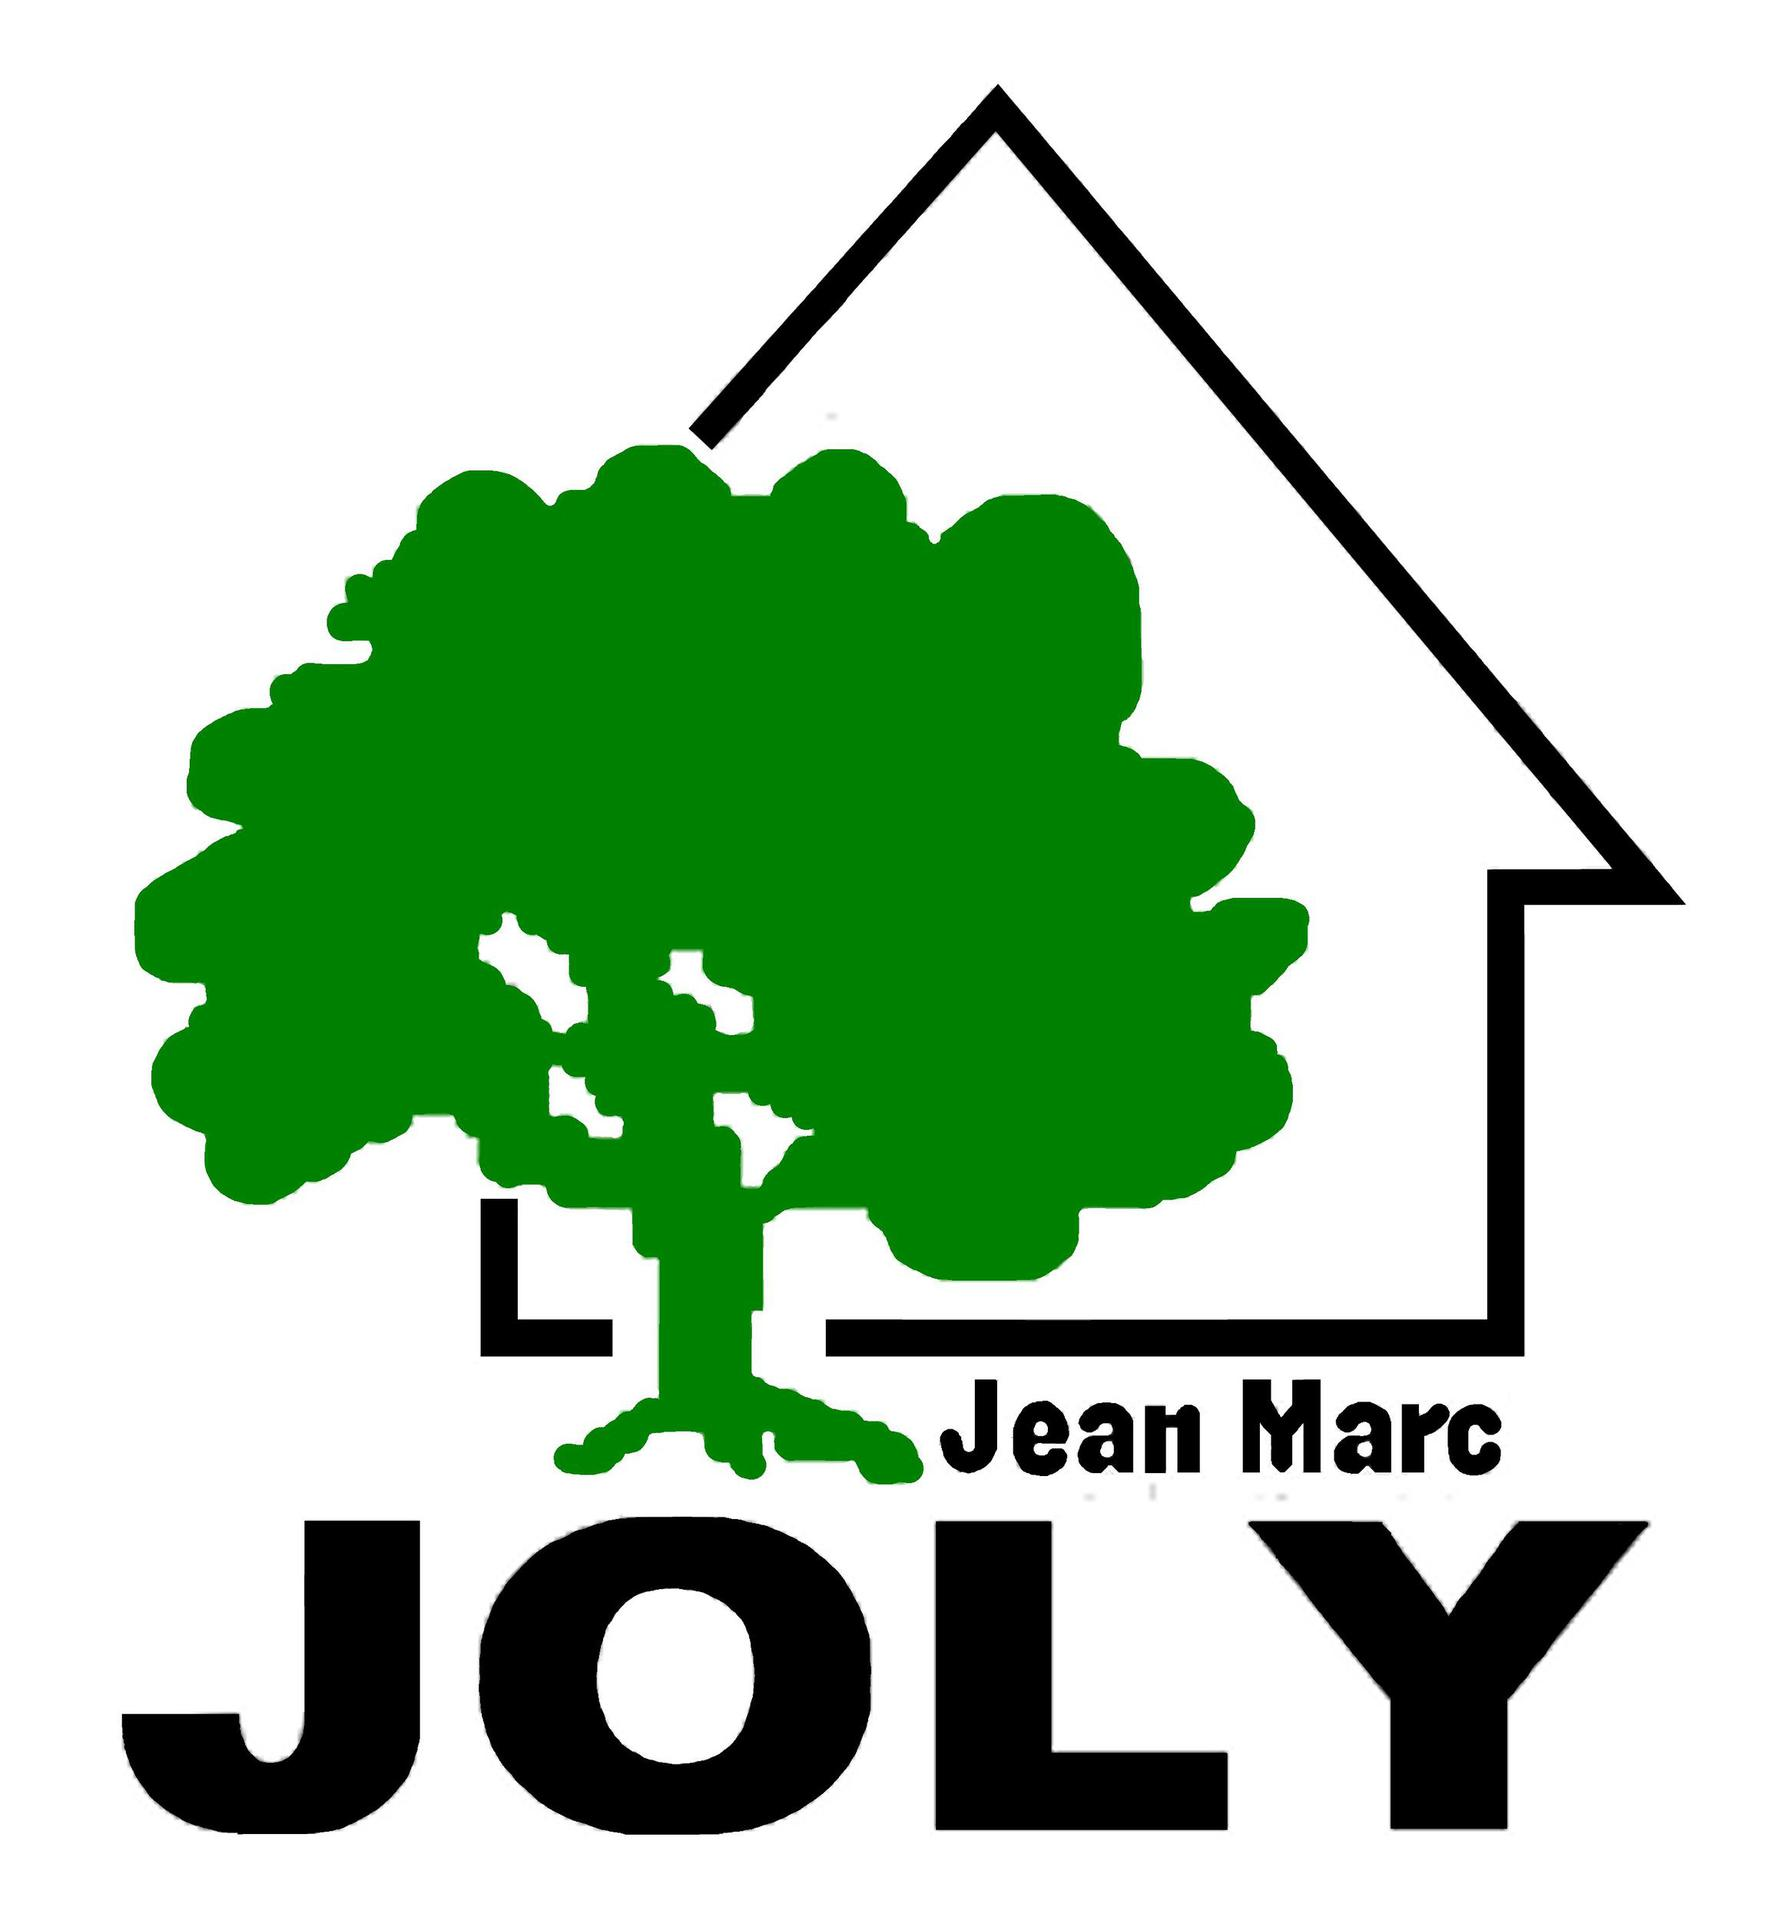 Menuiserie Joly Jean Marc entreprise de menuiserie